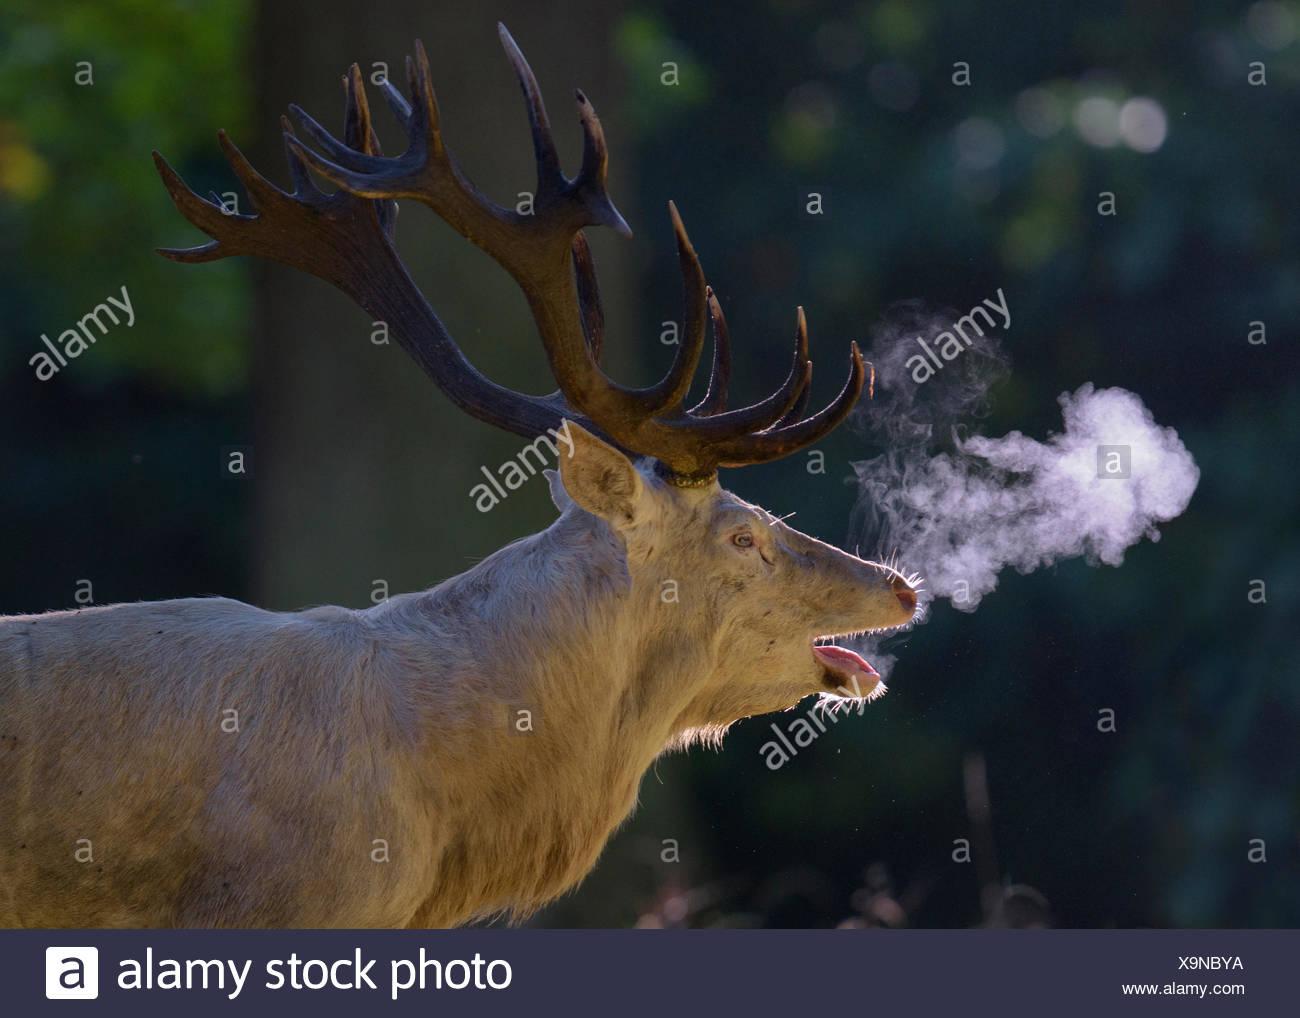 Red deer (Cervus elaphus), rutting stag, white morph, belling, backlit, breath condensation, Zealand, Denmark - Stock Image